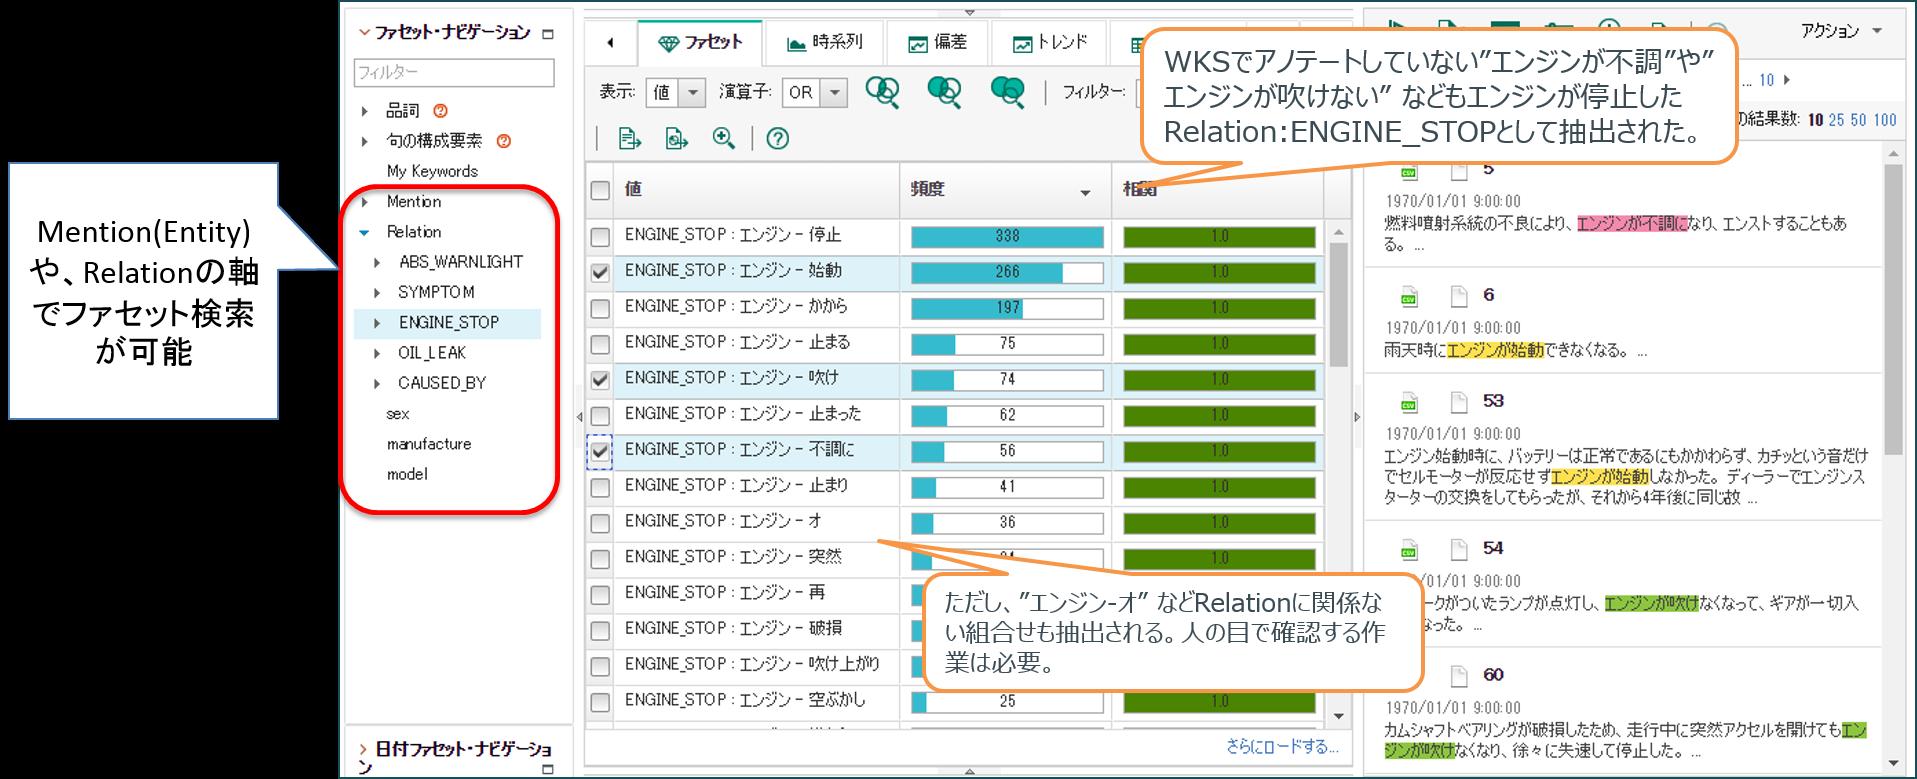 05-2.機械学習によるファセット検索.png